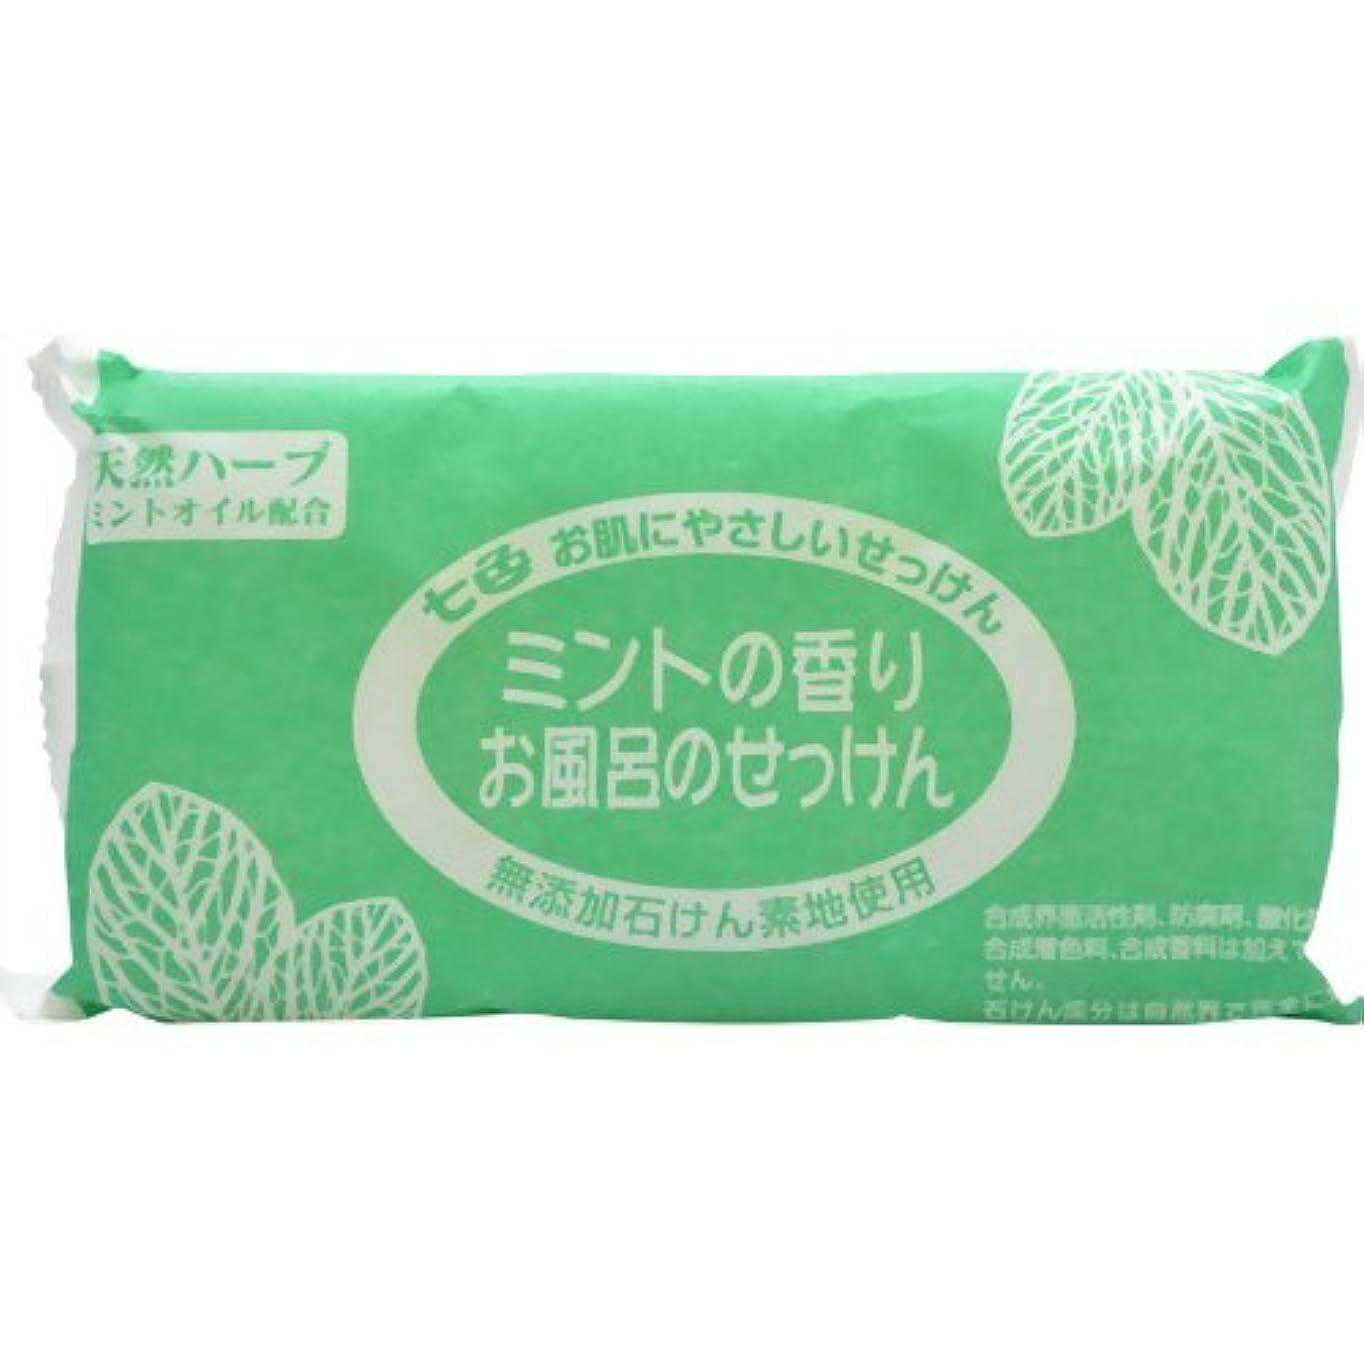 研究所ホイットニー苦味七色 お風呂のせっけん ミントの香り(無添加石鹸) 100g×3個入